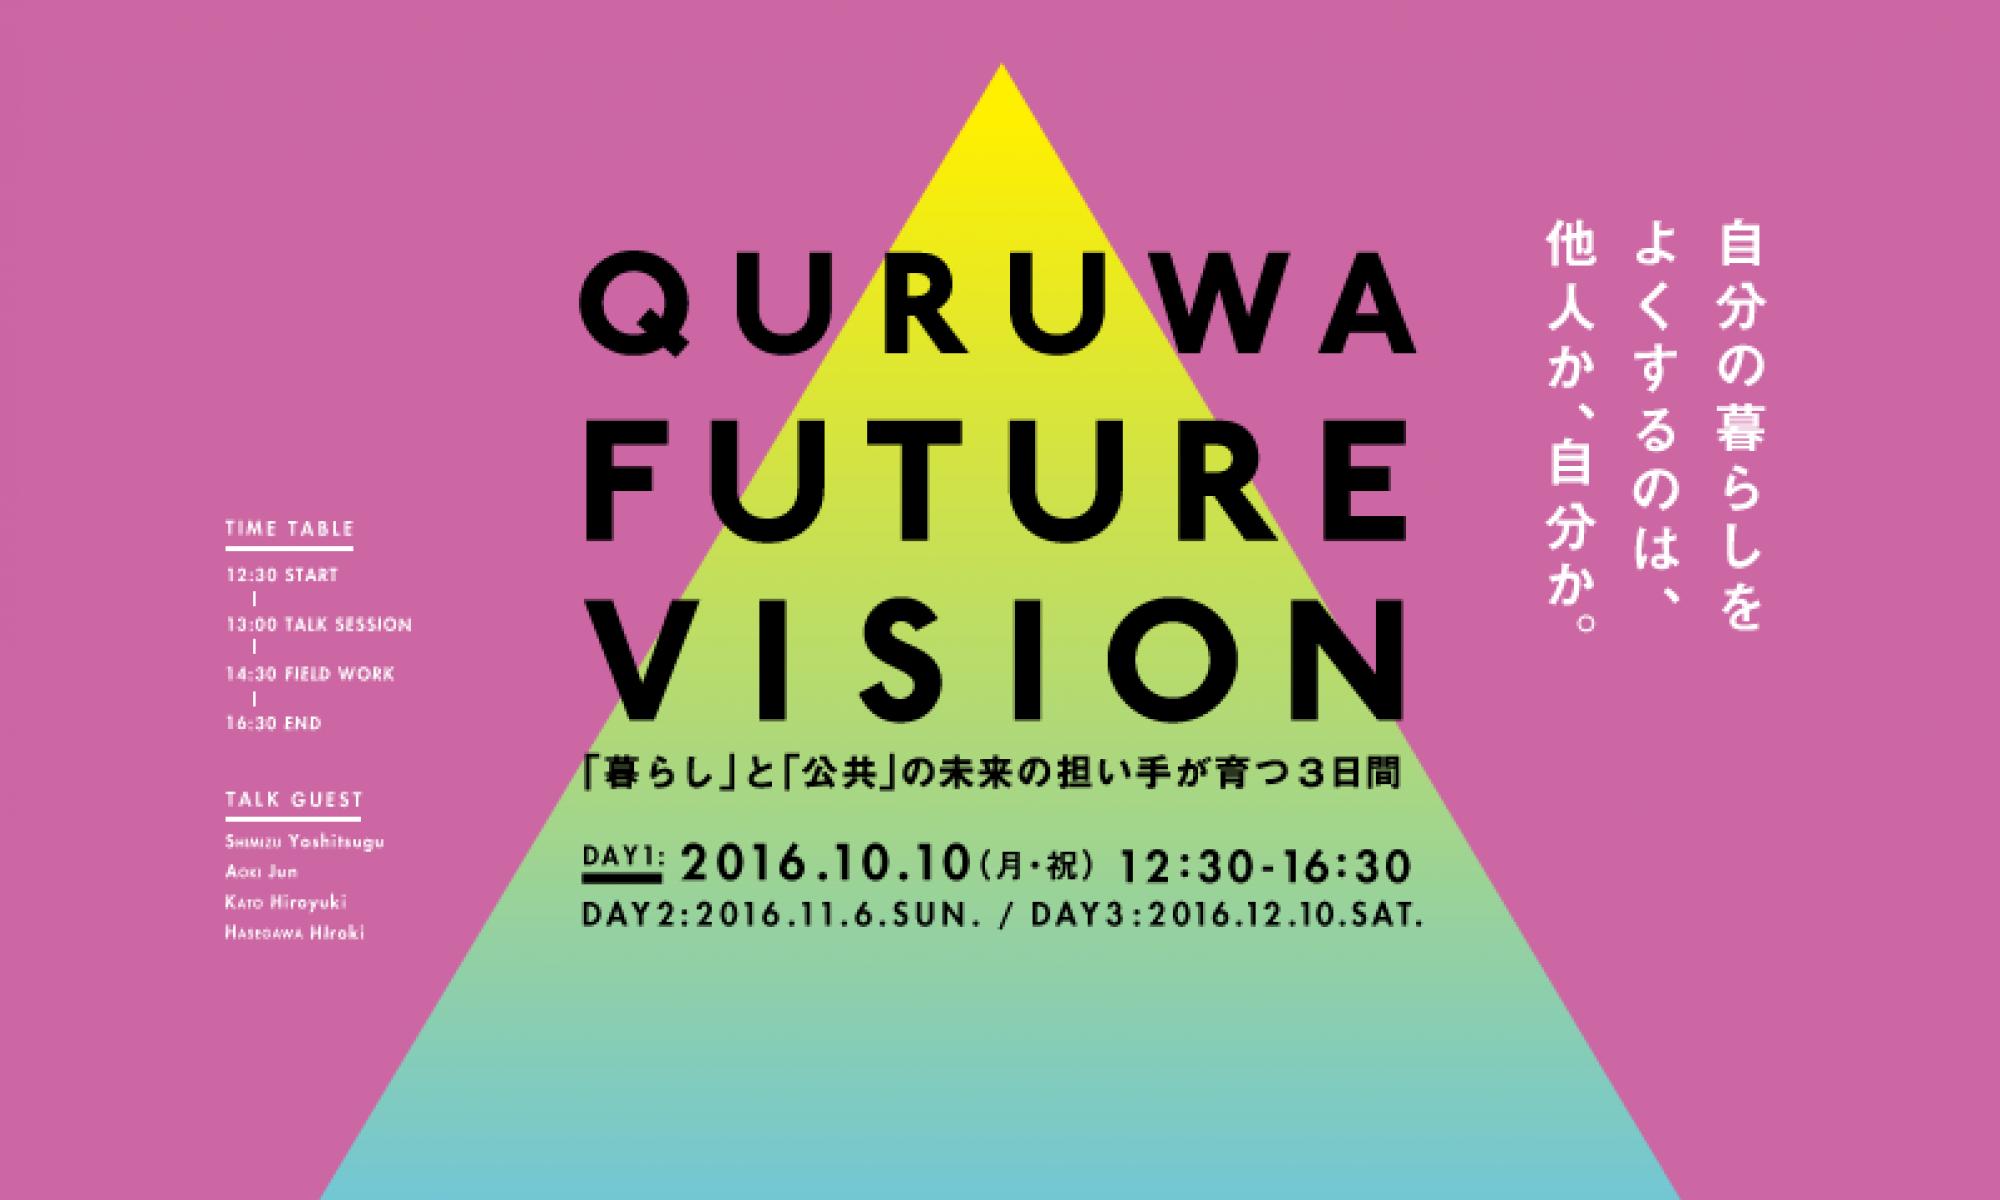 岡崎市QURUWA FUTURE VISION(市民ワークショップ)